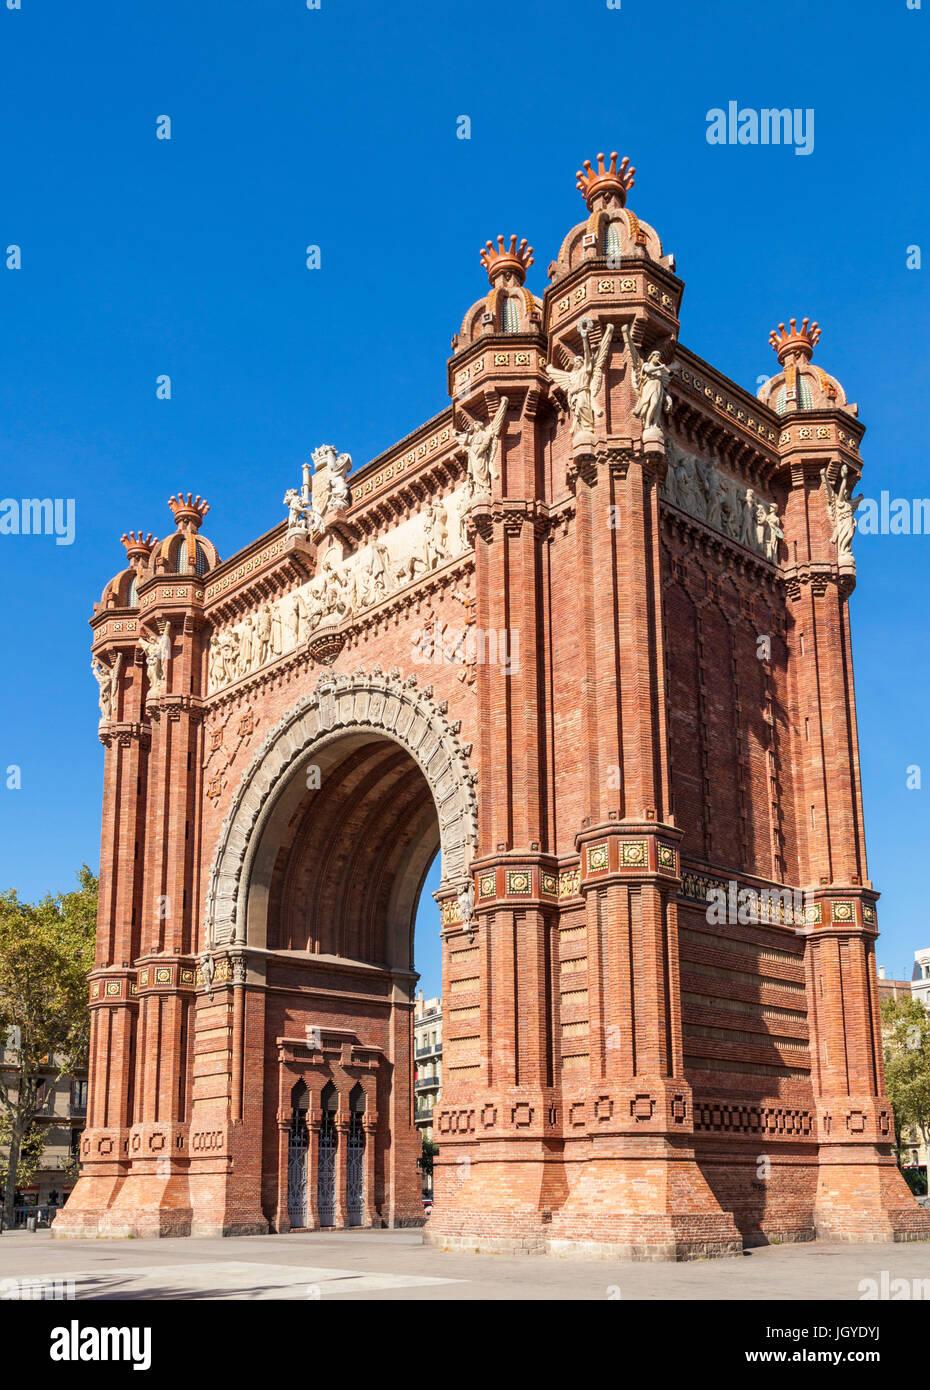 Barcellona Catalunya Il Arc de Triomf de Barcelona Arco de Triunfo de Barcelona arco trionfale Barcellona Arc de Immagini Stock